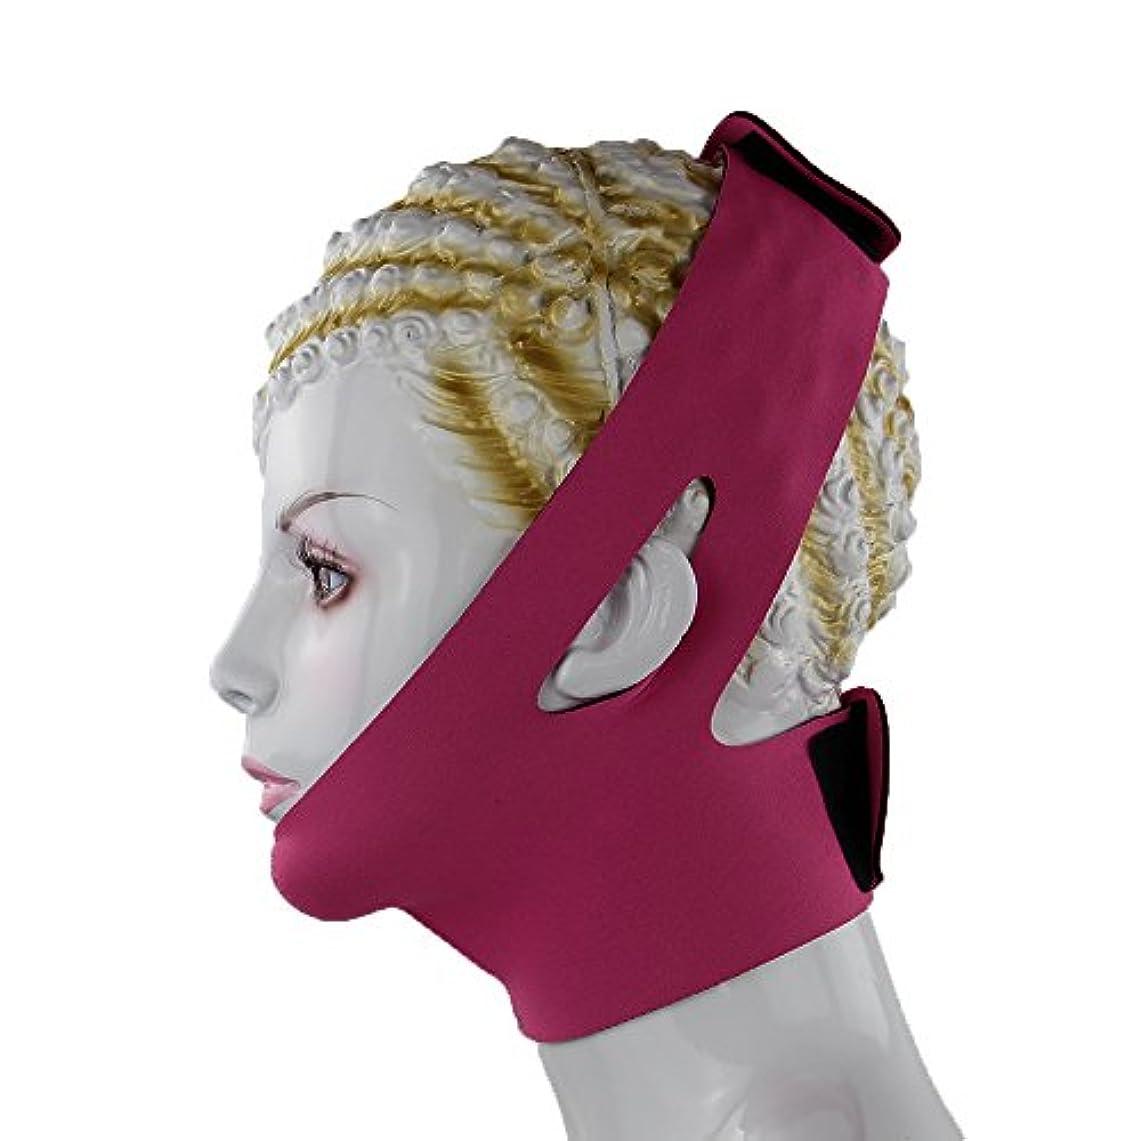 添加剤時計アグネスグレイ小顔 美容 顎サポーター ほうれい線 豊齢線 解消 マッサージグッズ フェイスマスク 二重あご 加圧 ベルト レディース (ピンク)